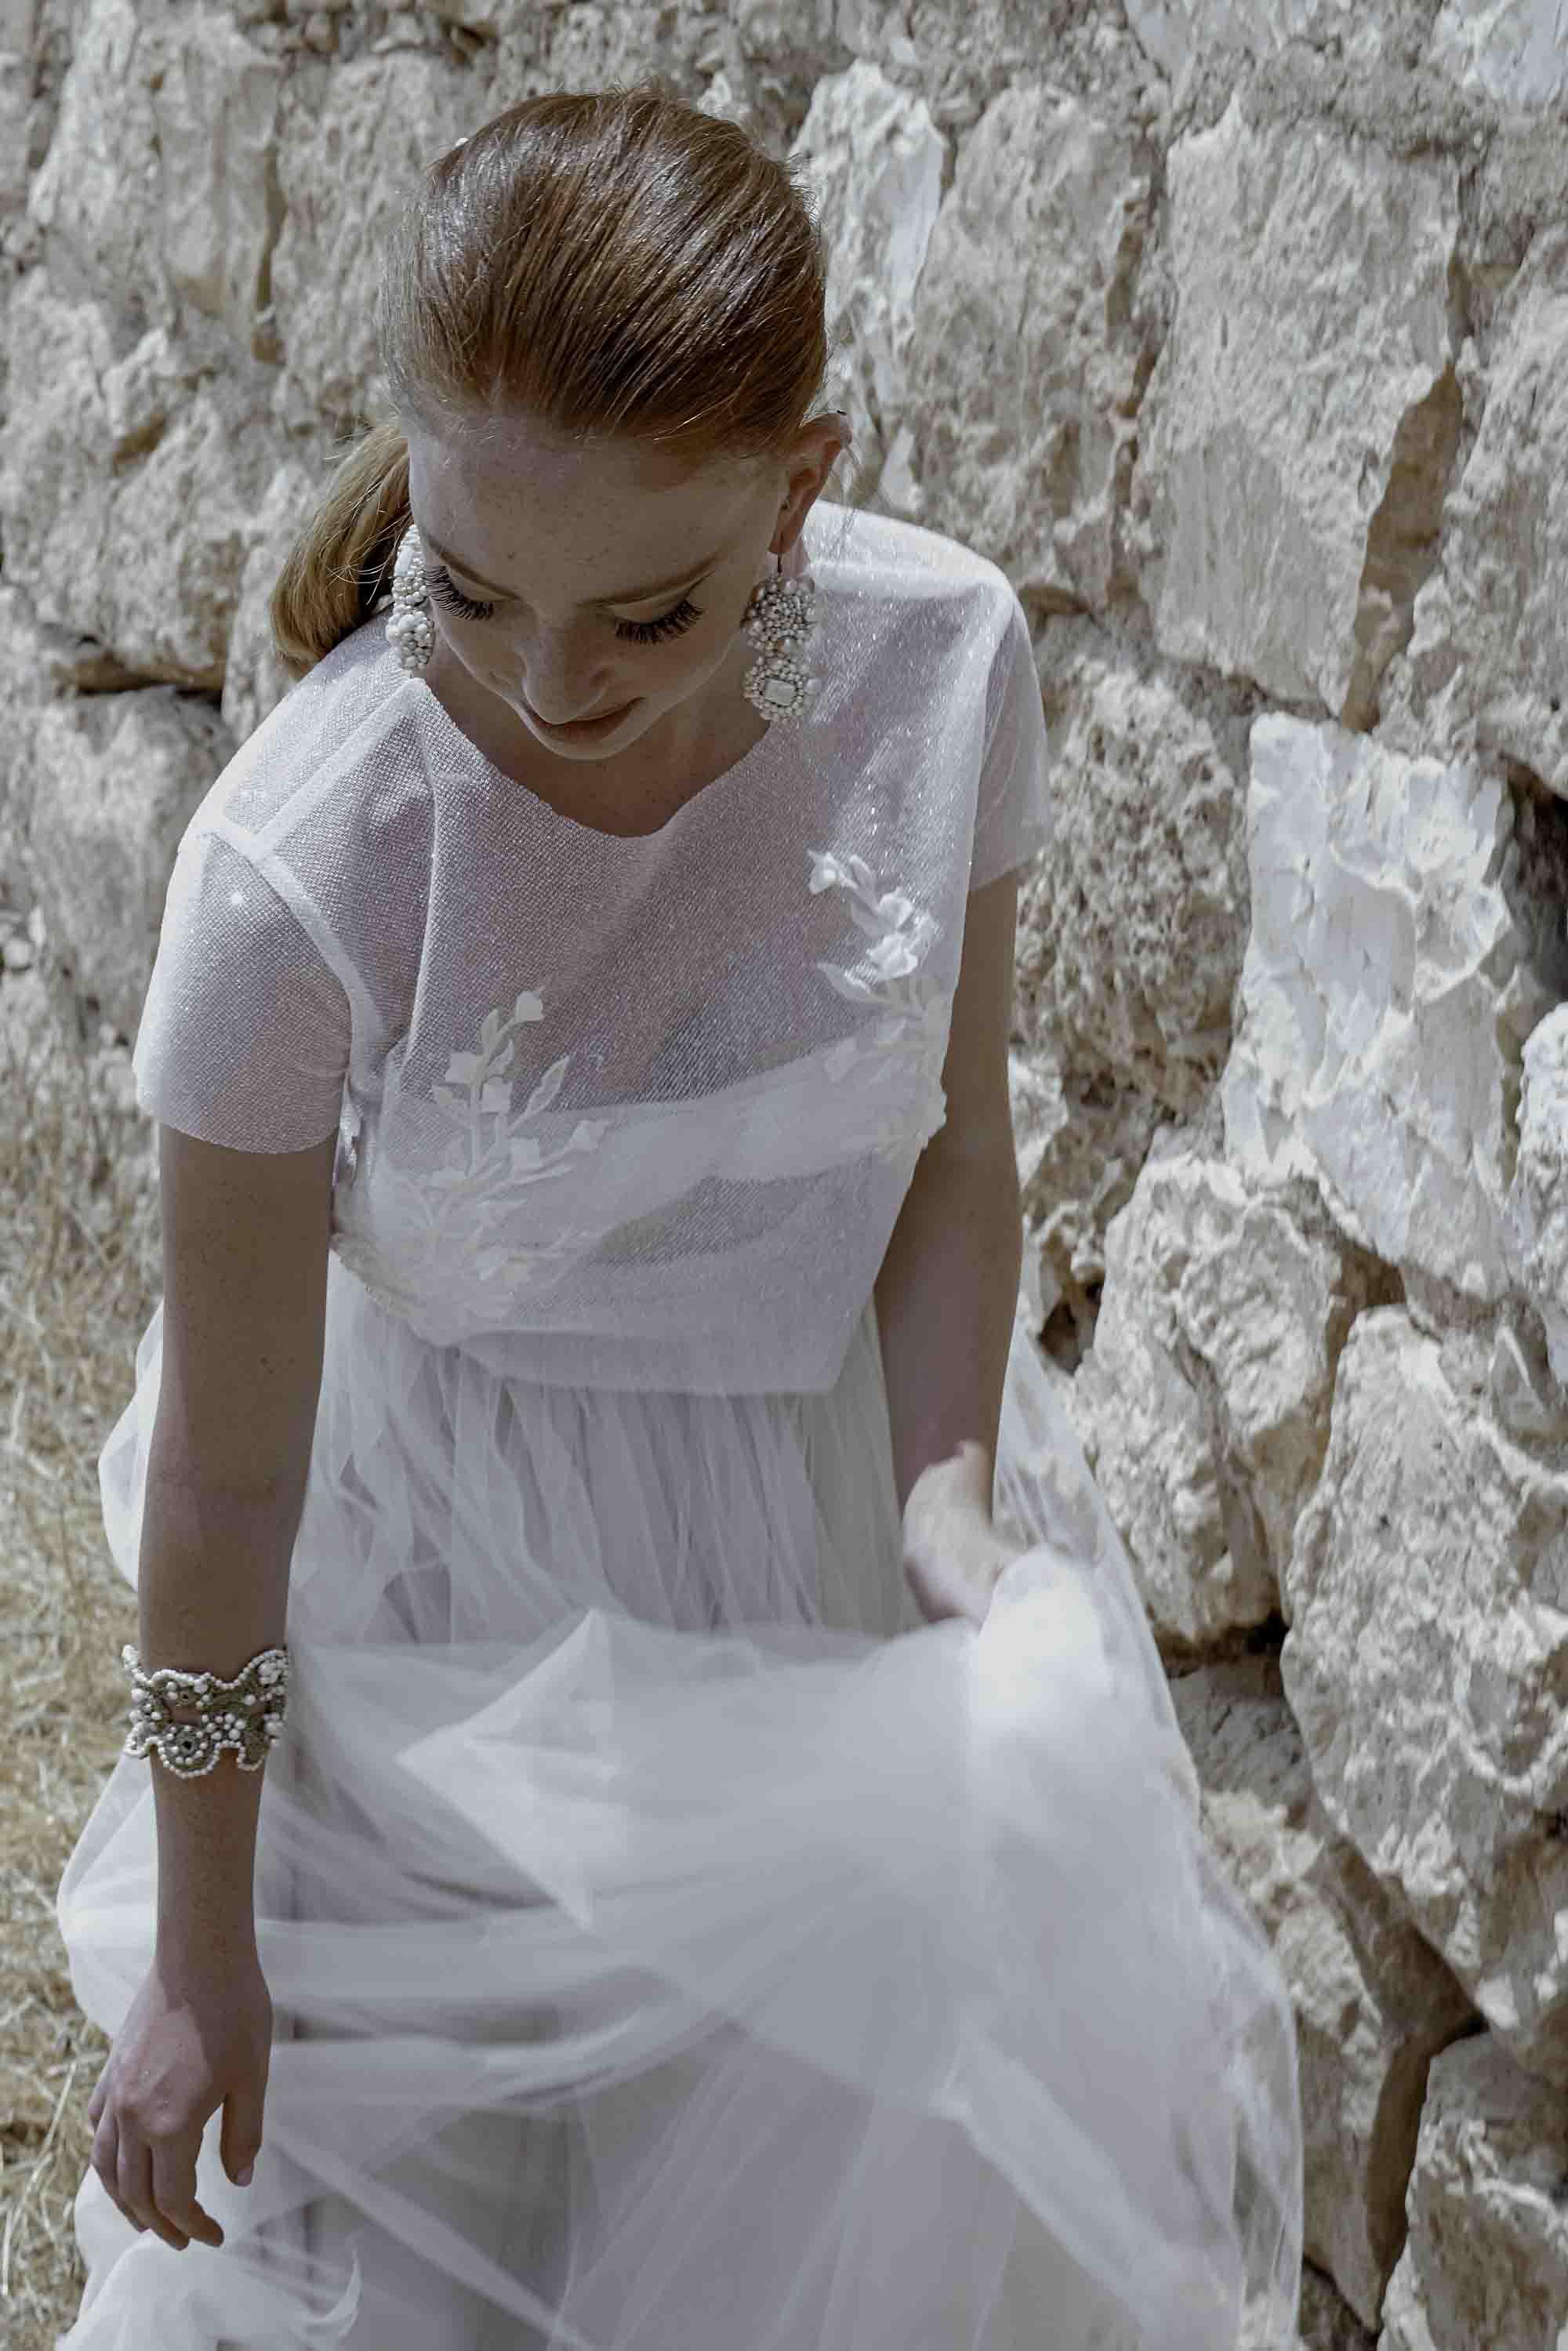 אופנה, איפור, אורנה רימוק, צילום, בן לאון, דוגמנית, אמילי זלצר, מגזין אופנה -1